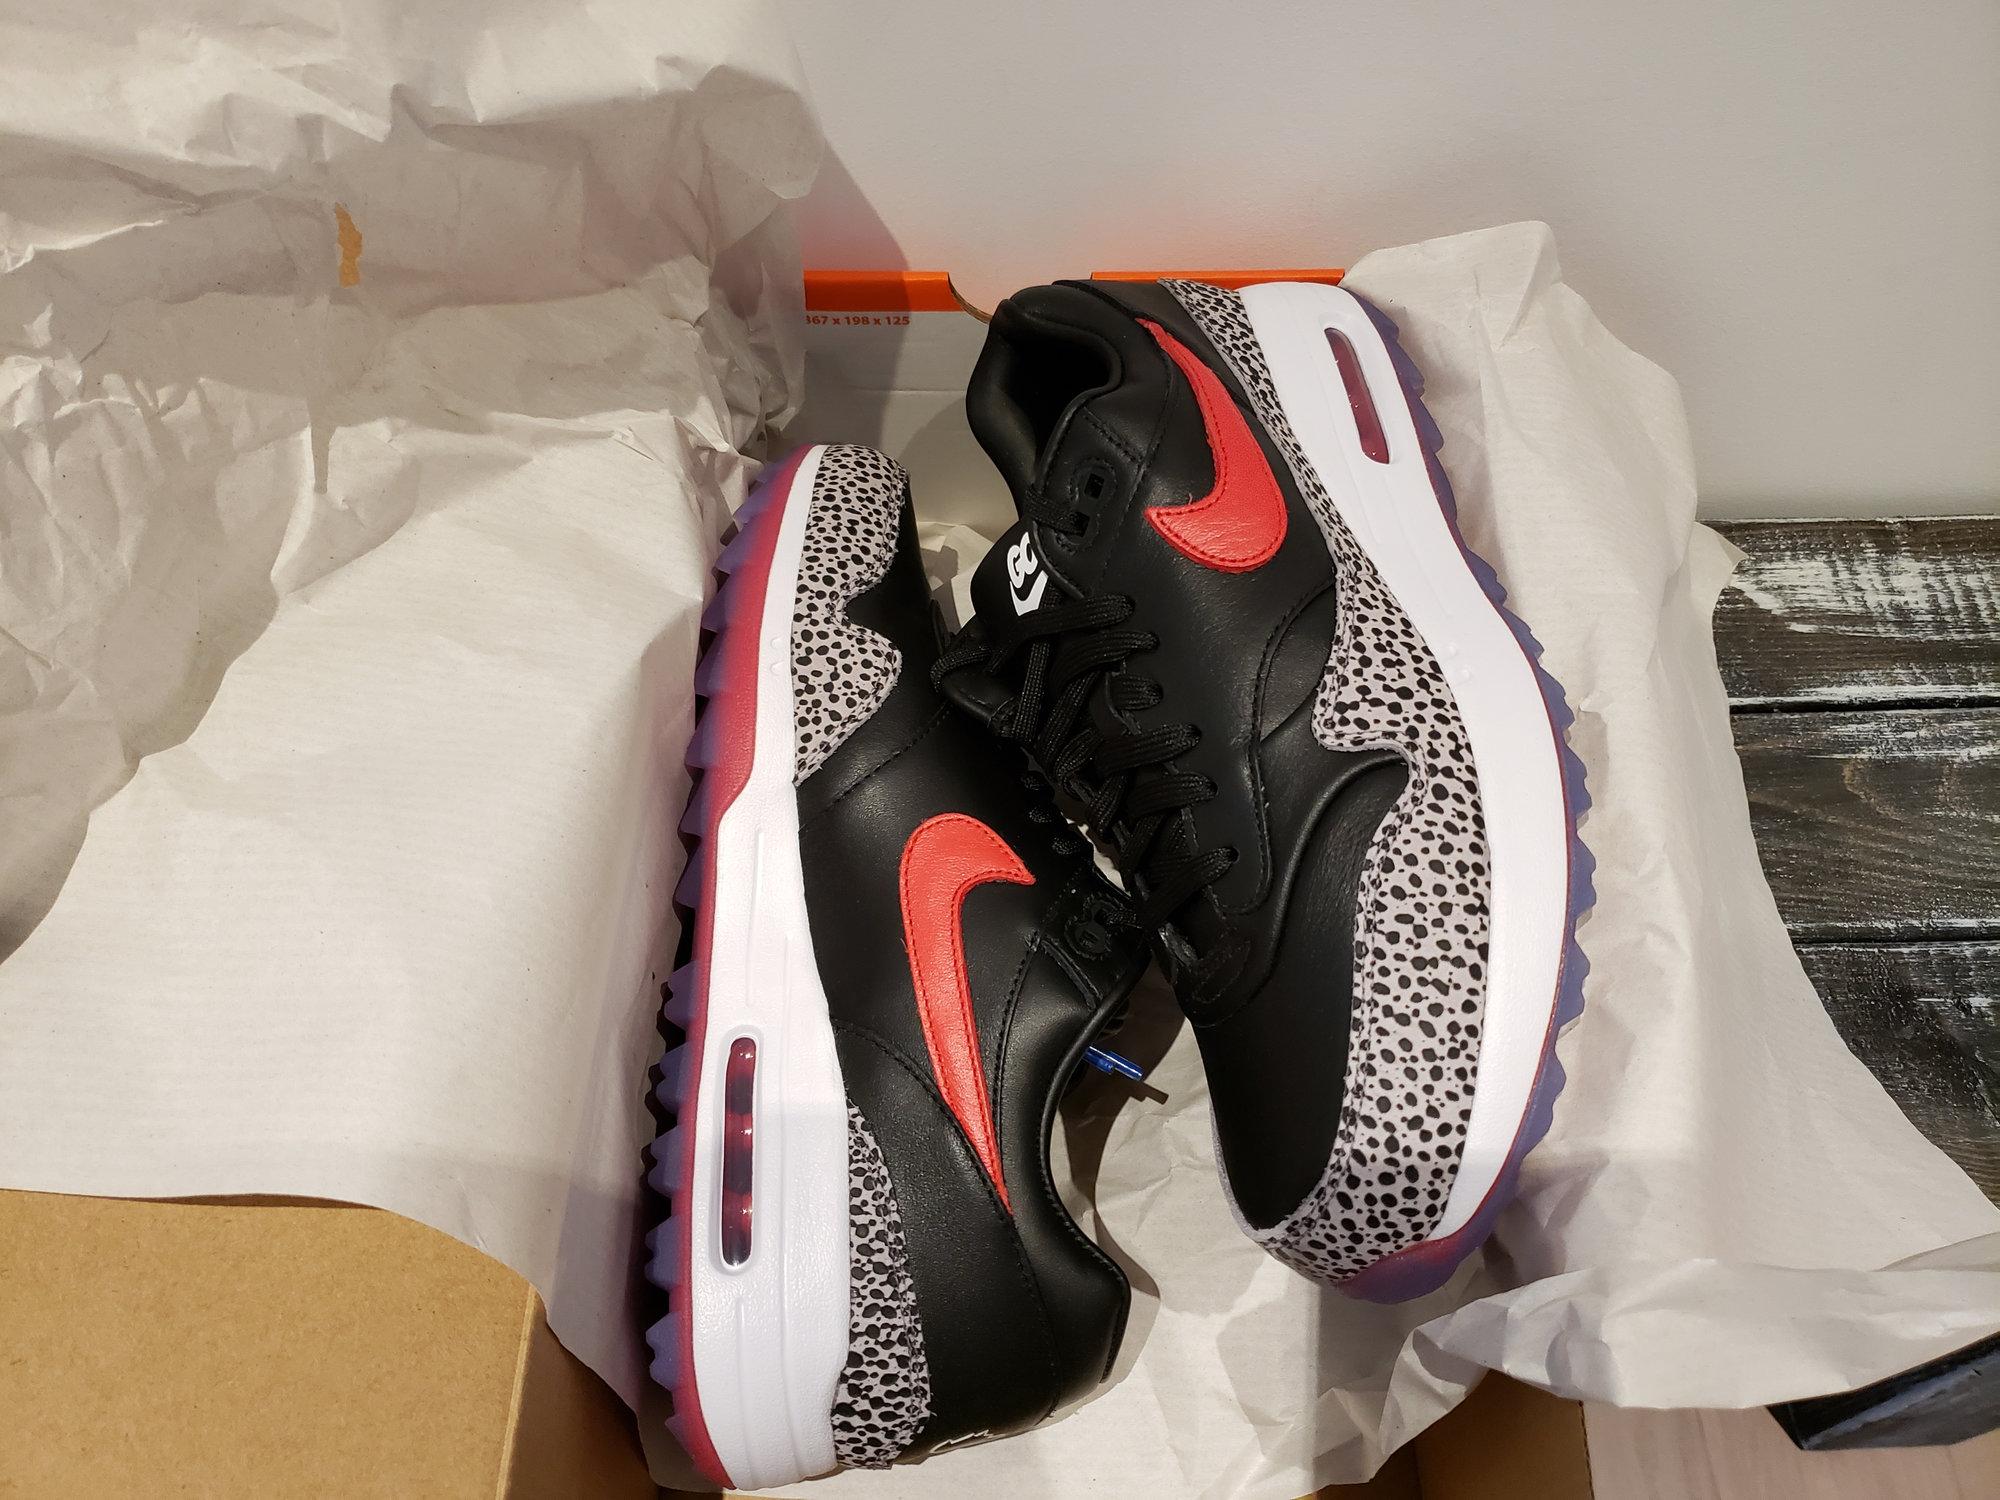 Nike Air Max 1g Safari Bred pack size 9